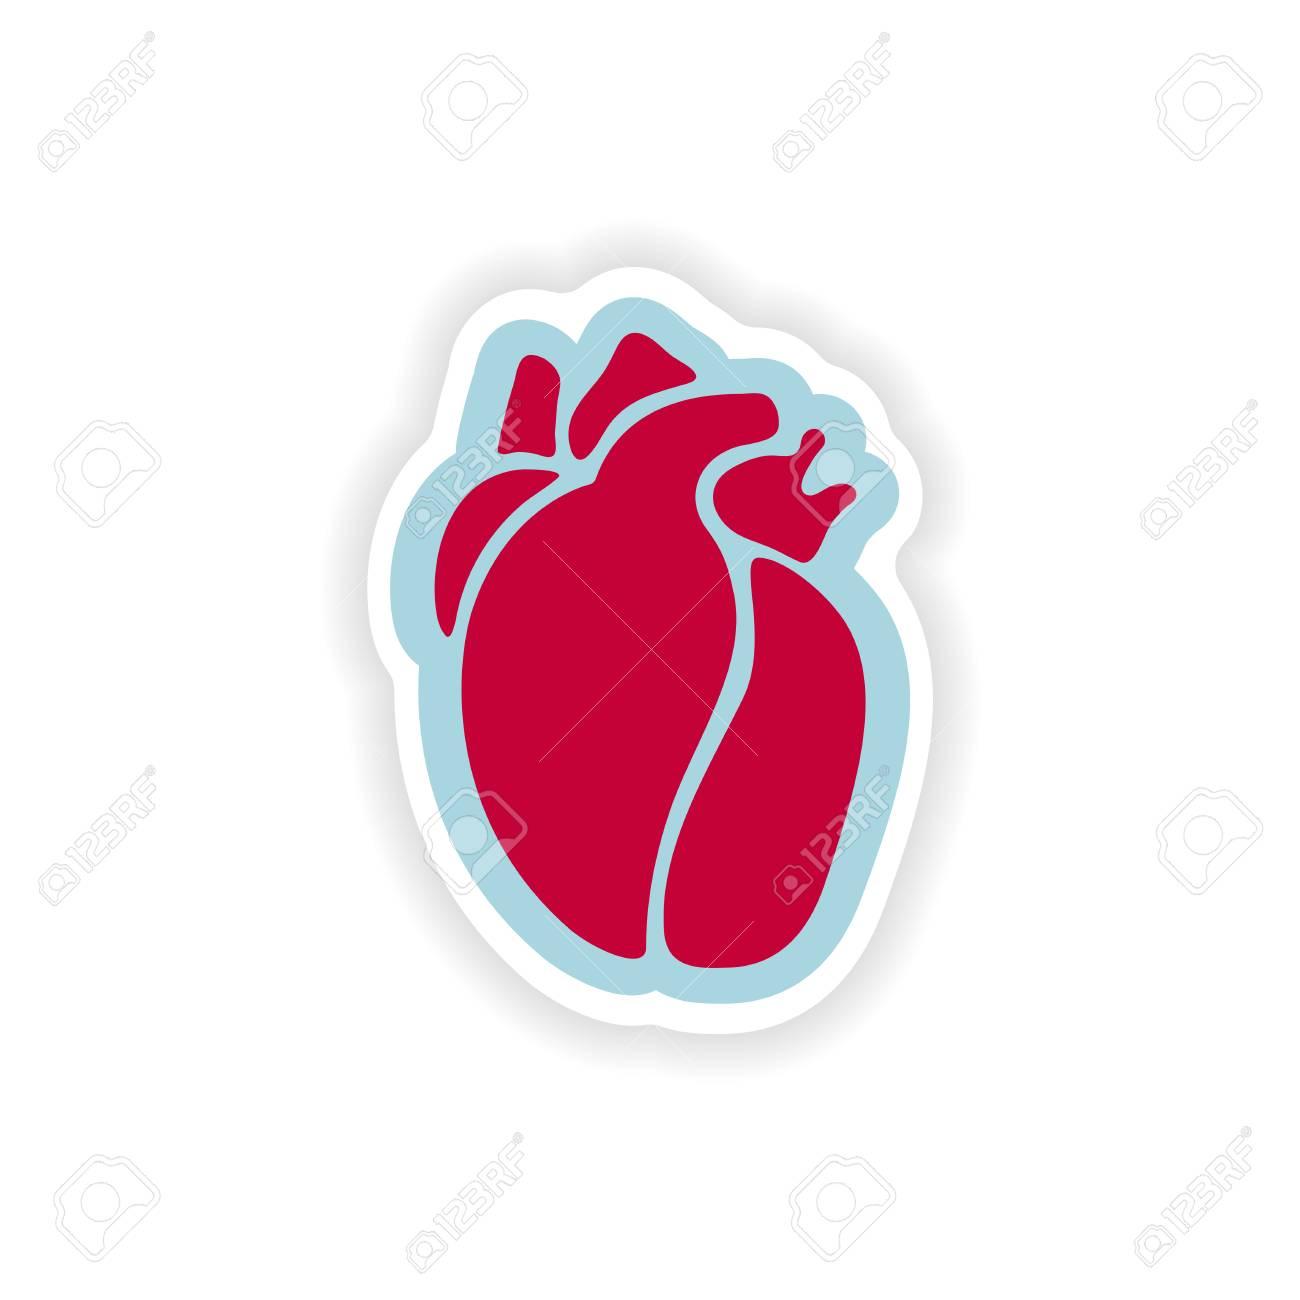 Etiqueta De Papel Sobre Fondo Blanco Corazón Humano Ilustraciones ...